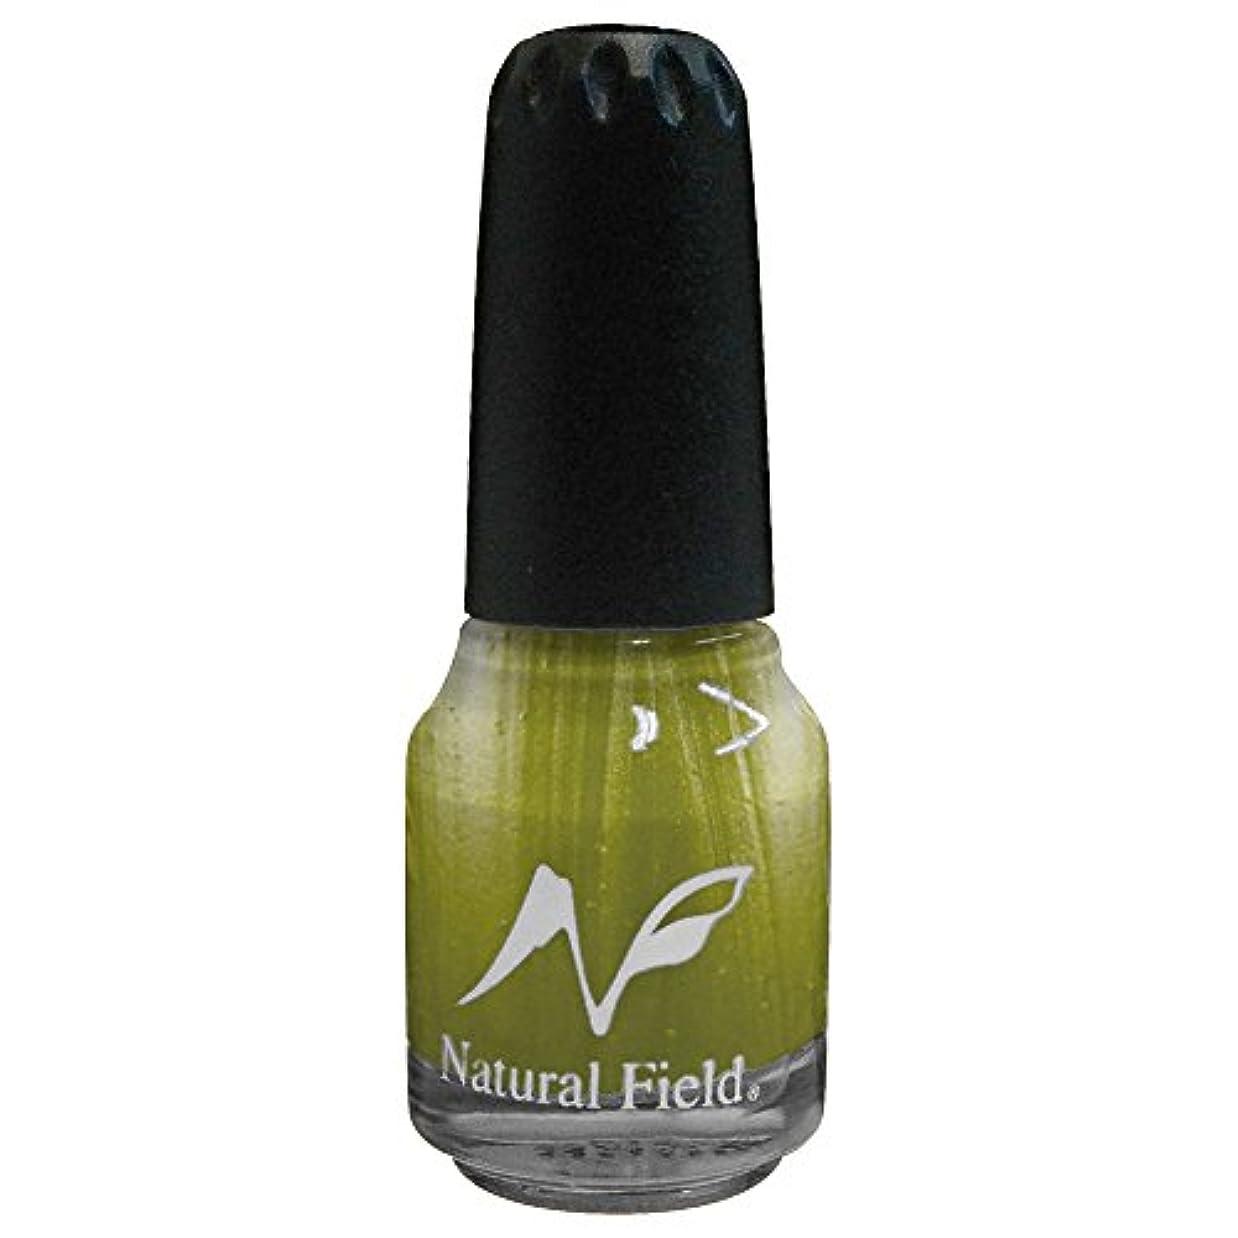 フェデレーション商人マイナスNatural Field ネイルポリッシュ パールカラー 2051 R14 12ml